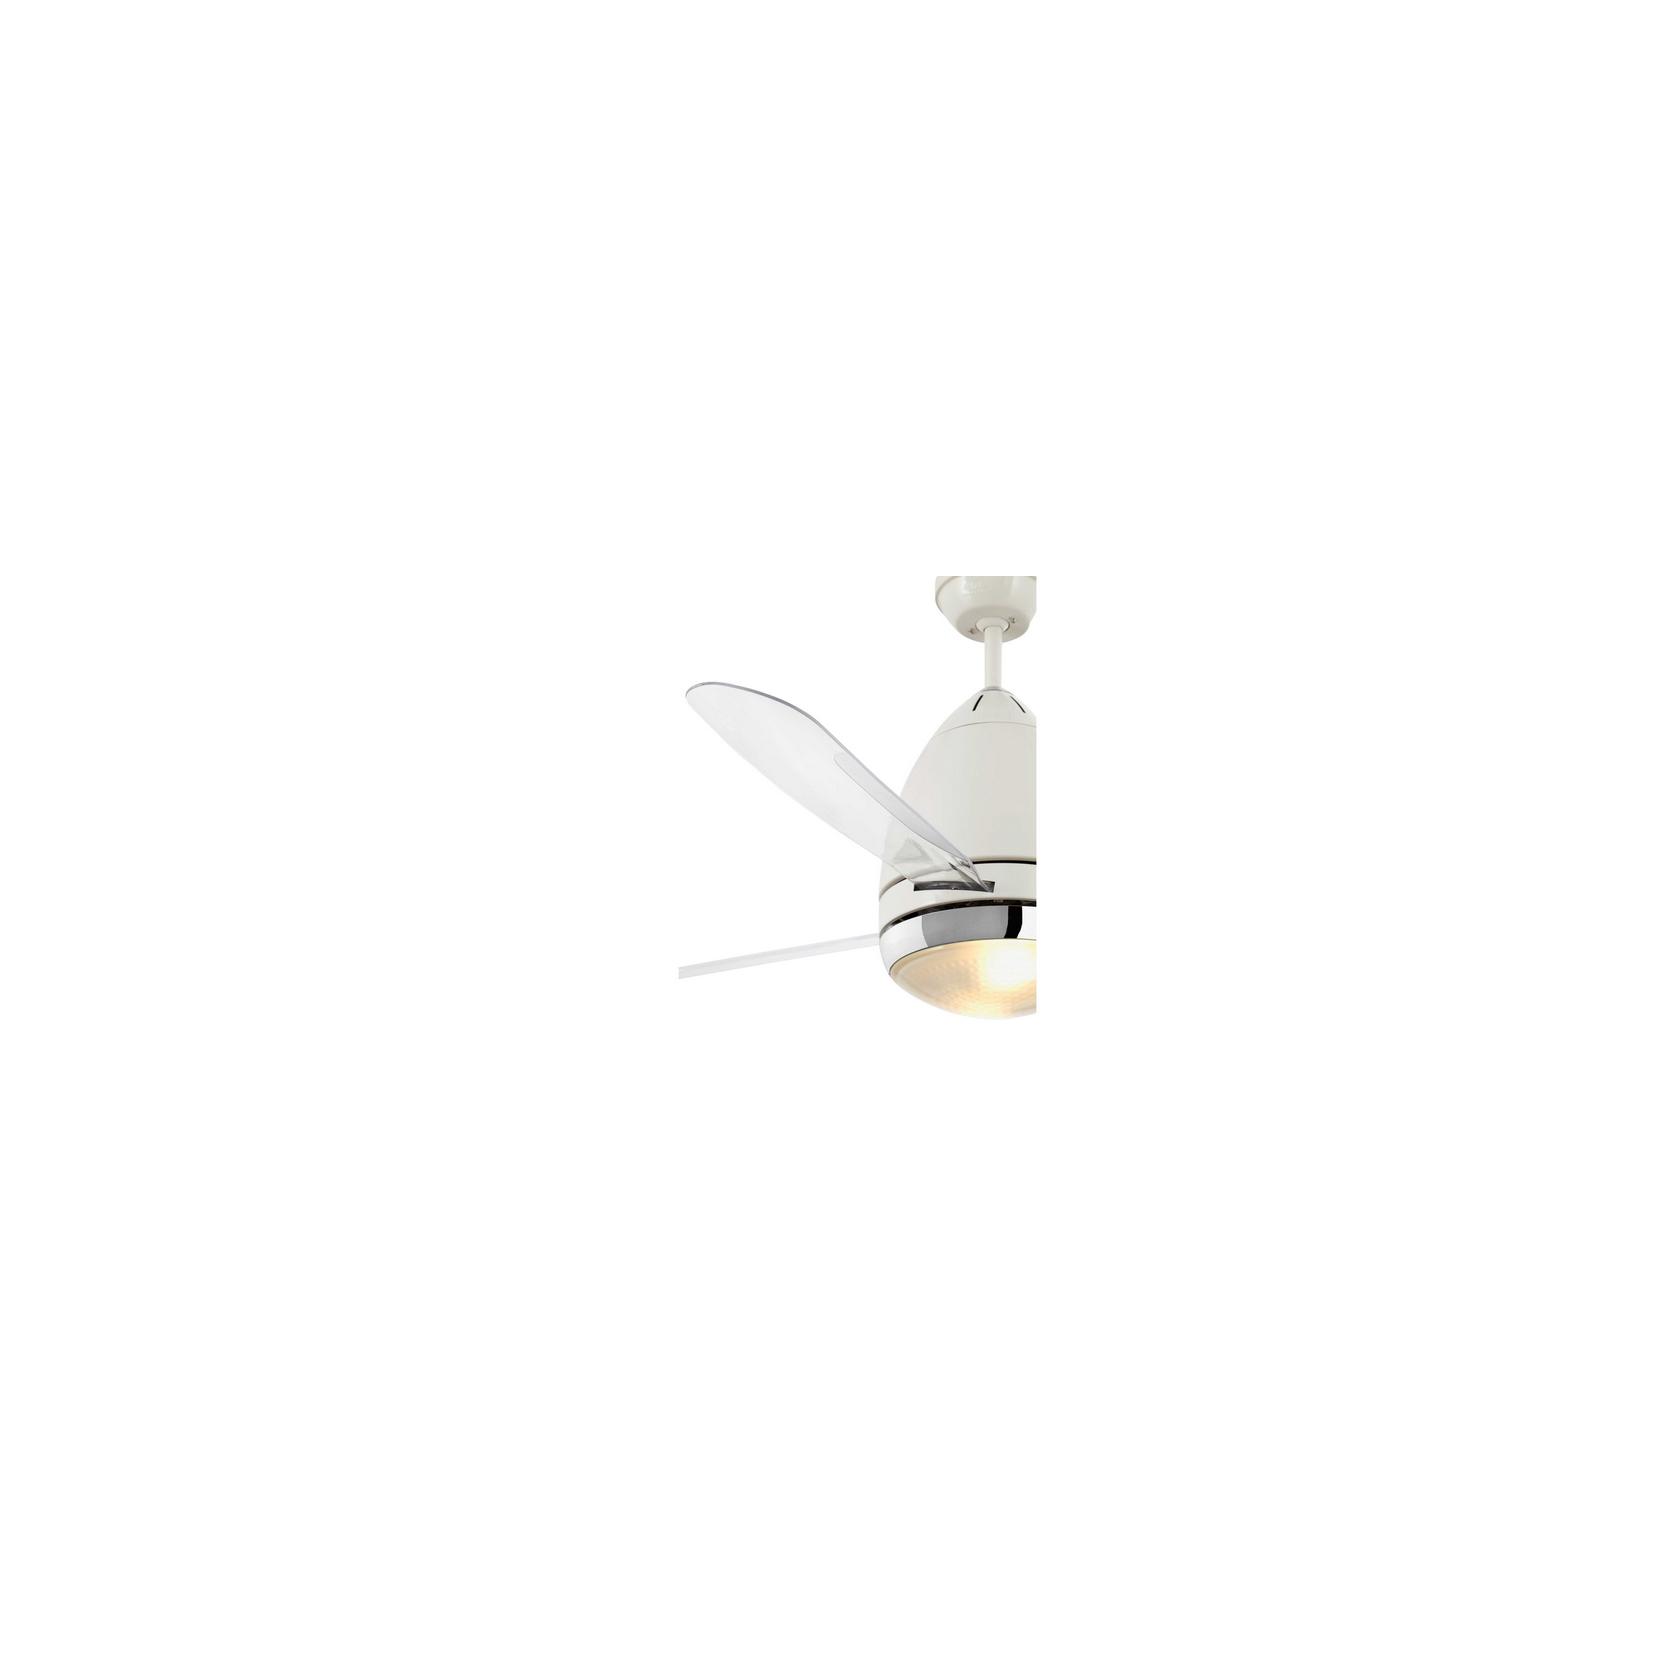 Vespa bianco 33389 pale trasparenti - Ventilatore da soffitto design ...